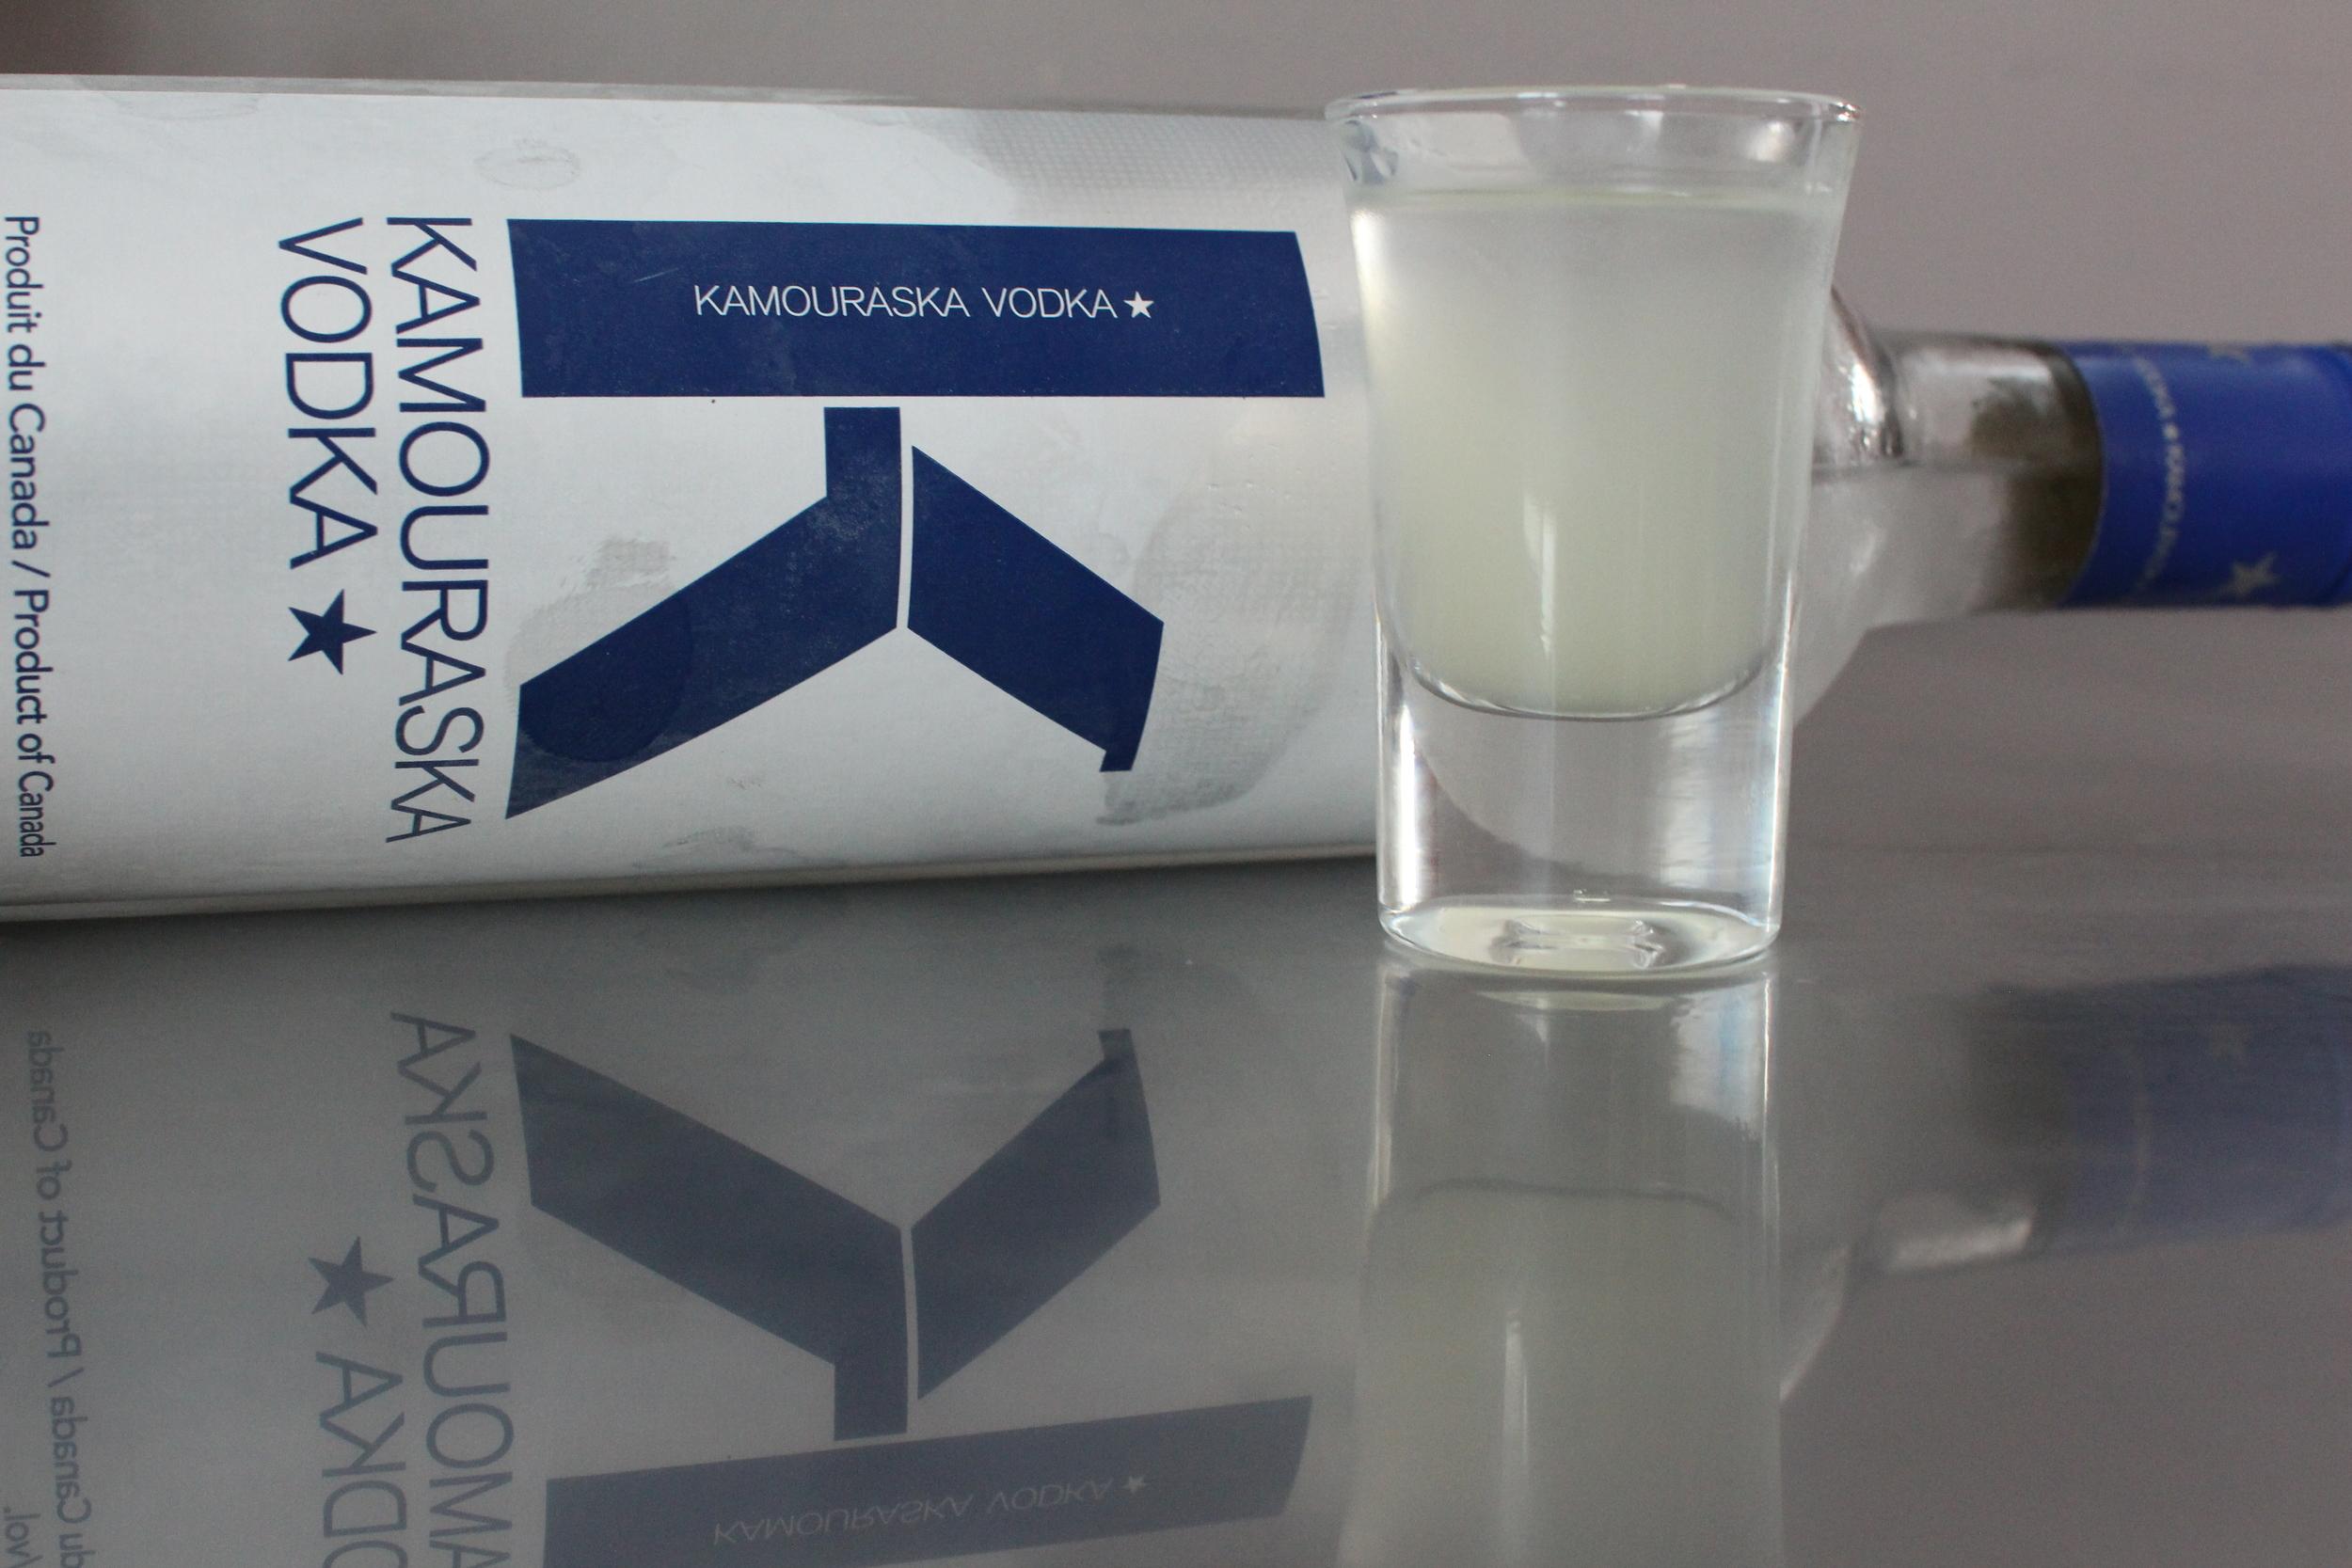 Kamouraska-Vodka-Quebec